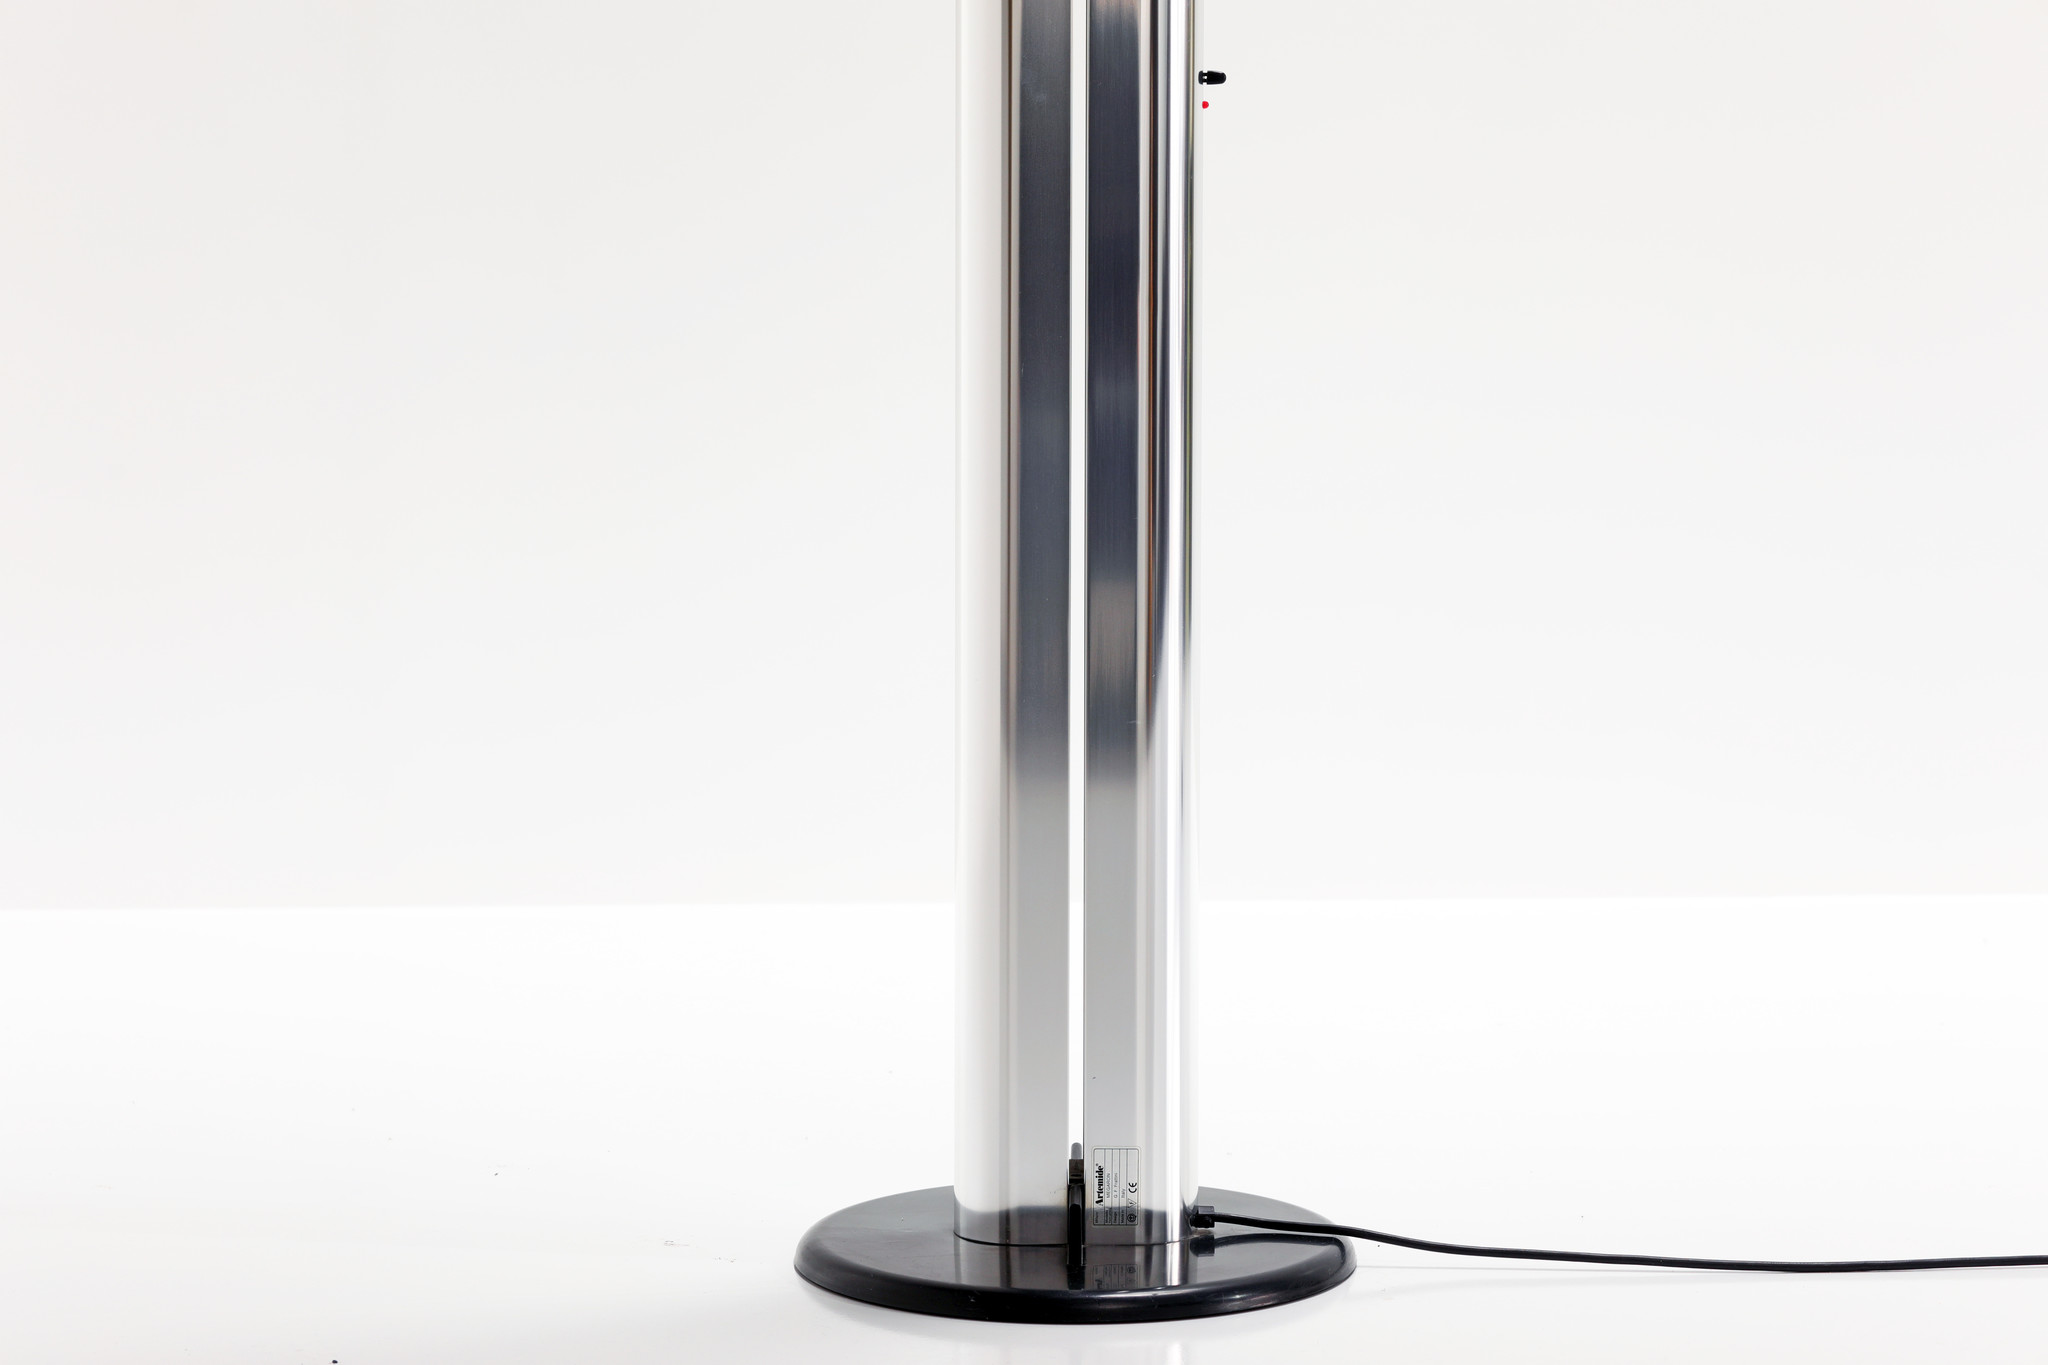 Artemide vloerlamp ontworpen door Gianfranco Frattini